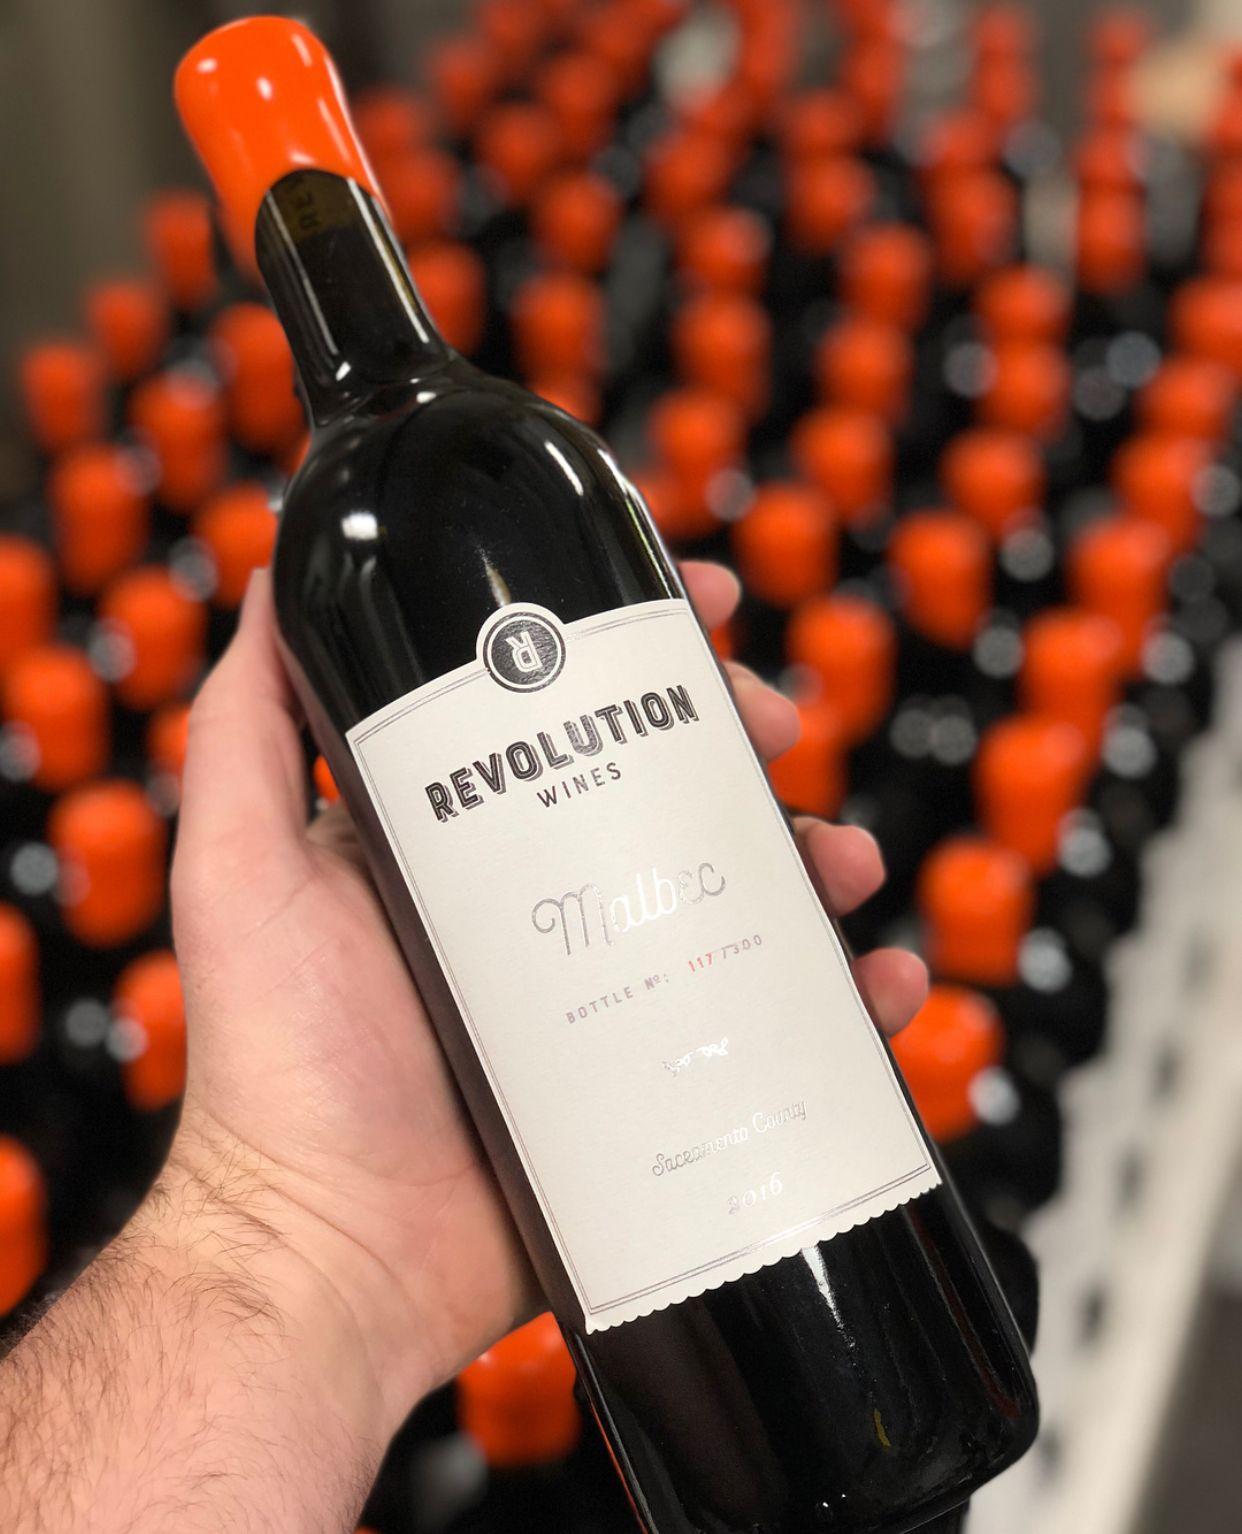 Pin By Agence Eb On Wine Wine Bottle Wines Bottle